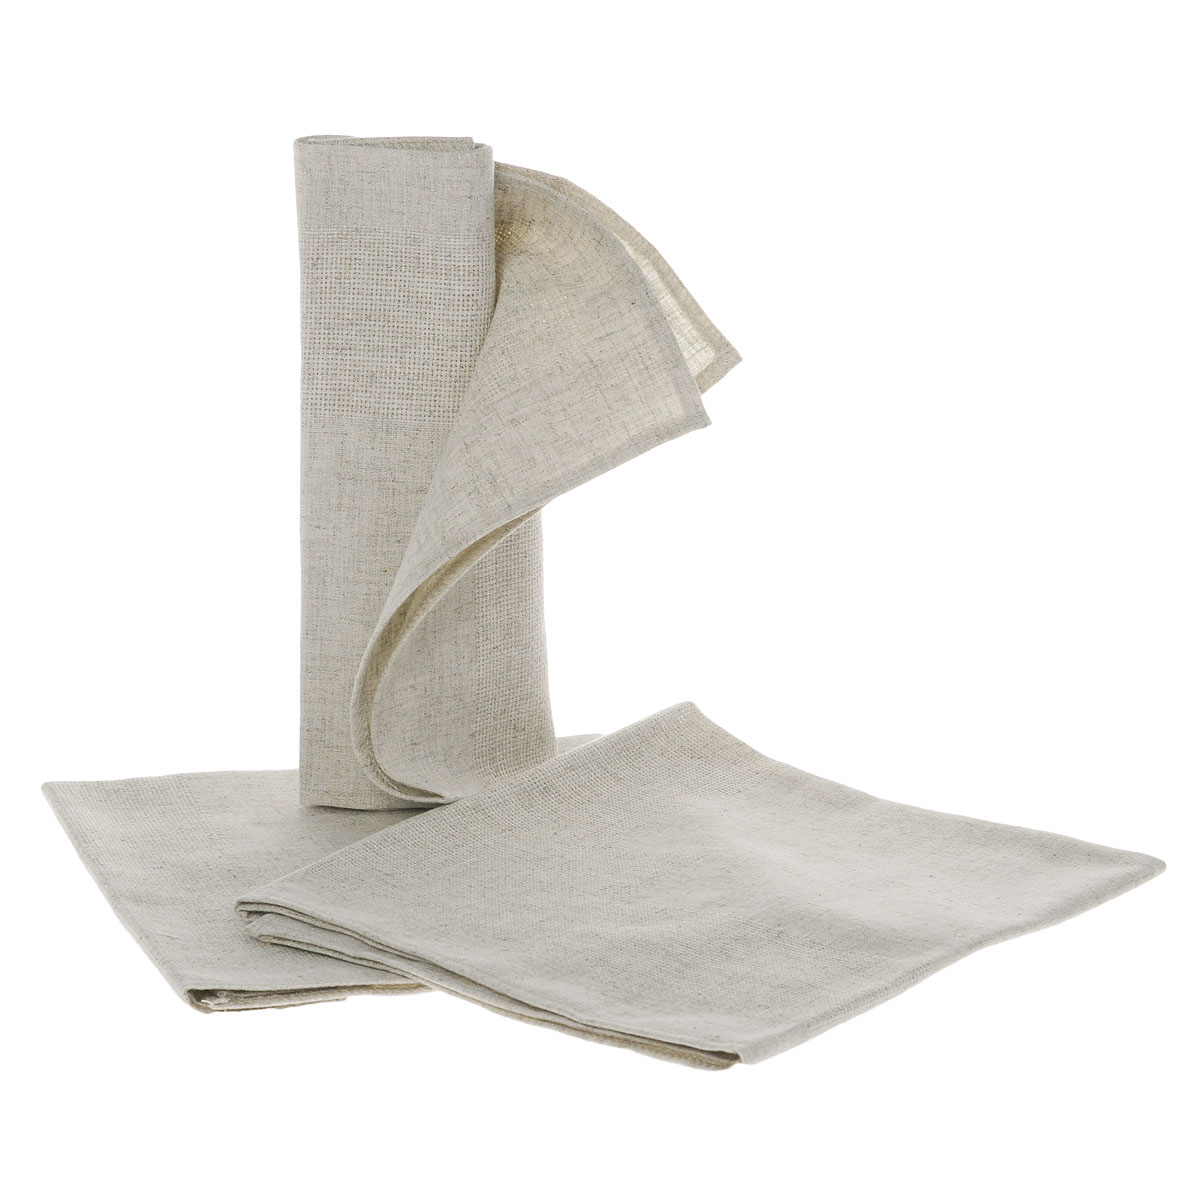 Салфетки Alisena, цвет: бежевый, 46 х 44 см, 3 шт547207Салфетки Alisena выполнены из натурального льна. В наборе - 3 салфетки. Такие салфетки защитят ваш стол от царапин и станут оригинальным дополнением интерьера. Вы можете использовать салфетки для декорирования стола, комода, журнального столика. В любом случае они добавят в ваш дом стиля, изысканности и неповторимости.